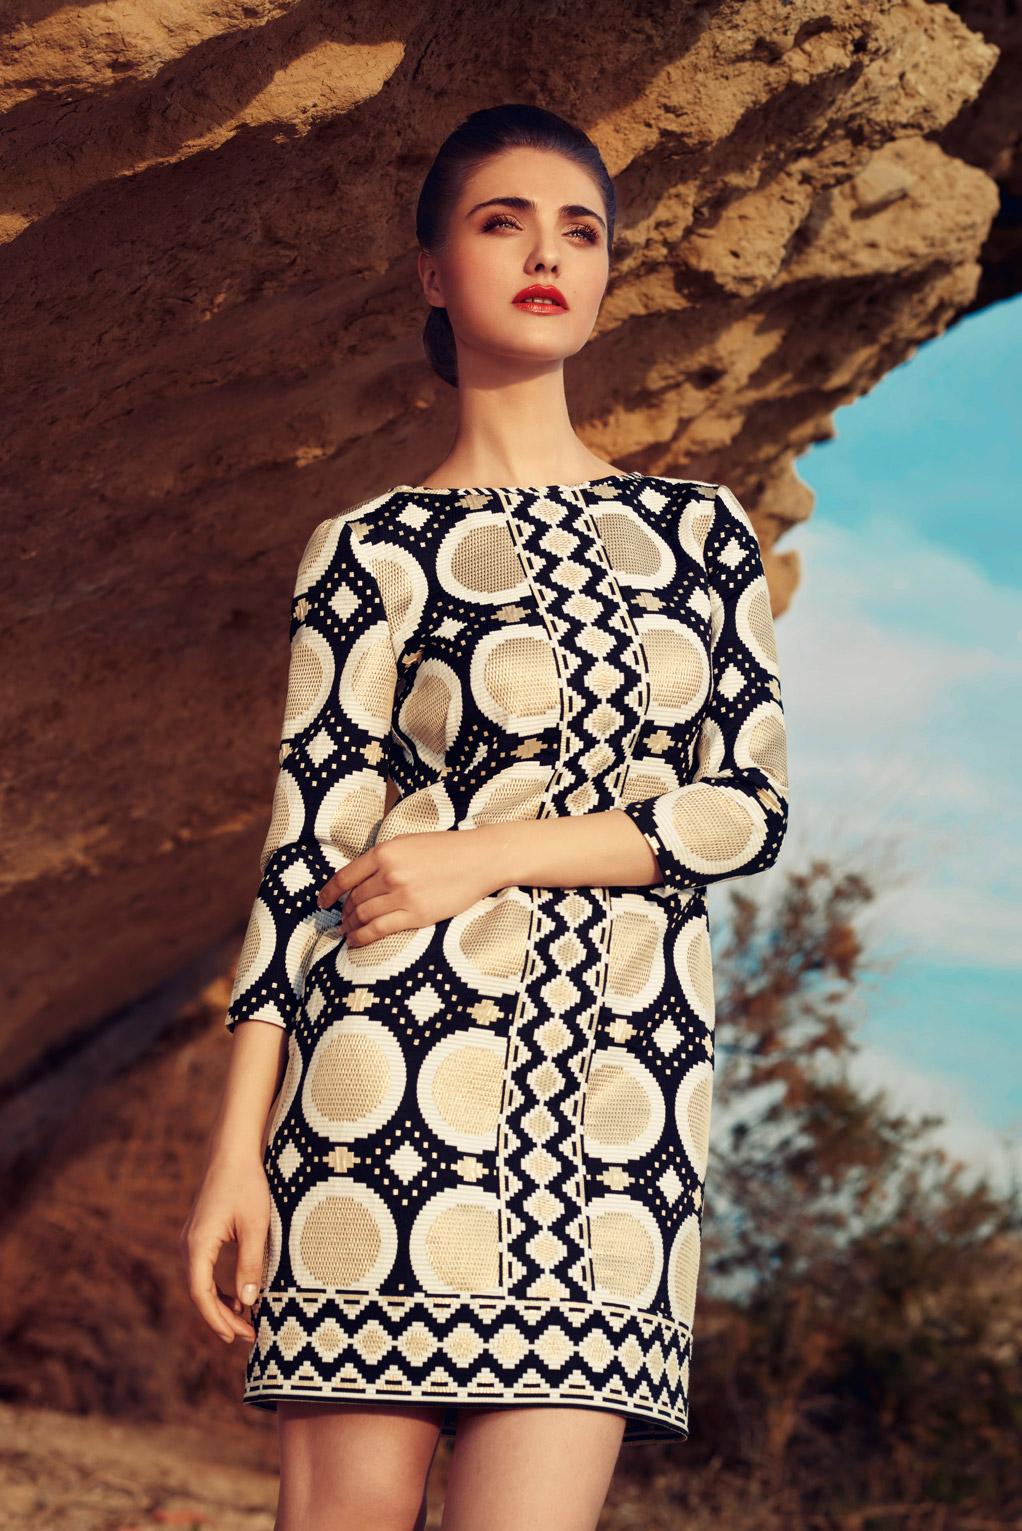 Como Llegar A Ser Modelo Profesional Irene Suarez Studio